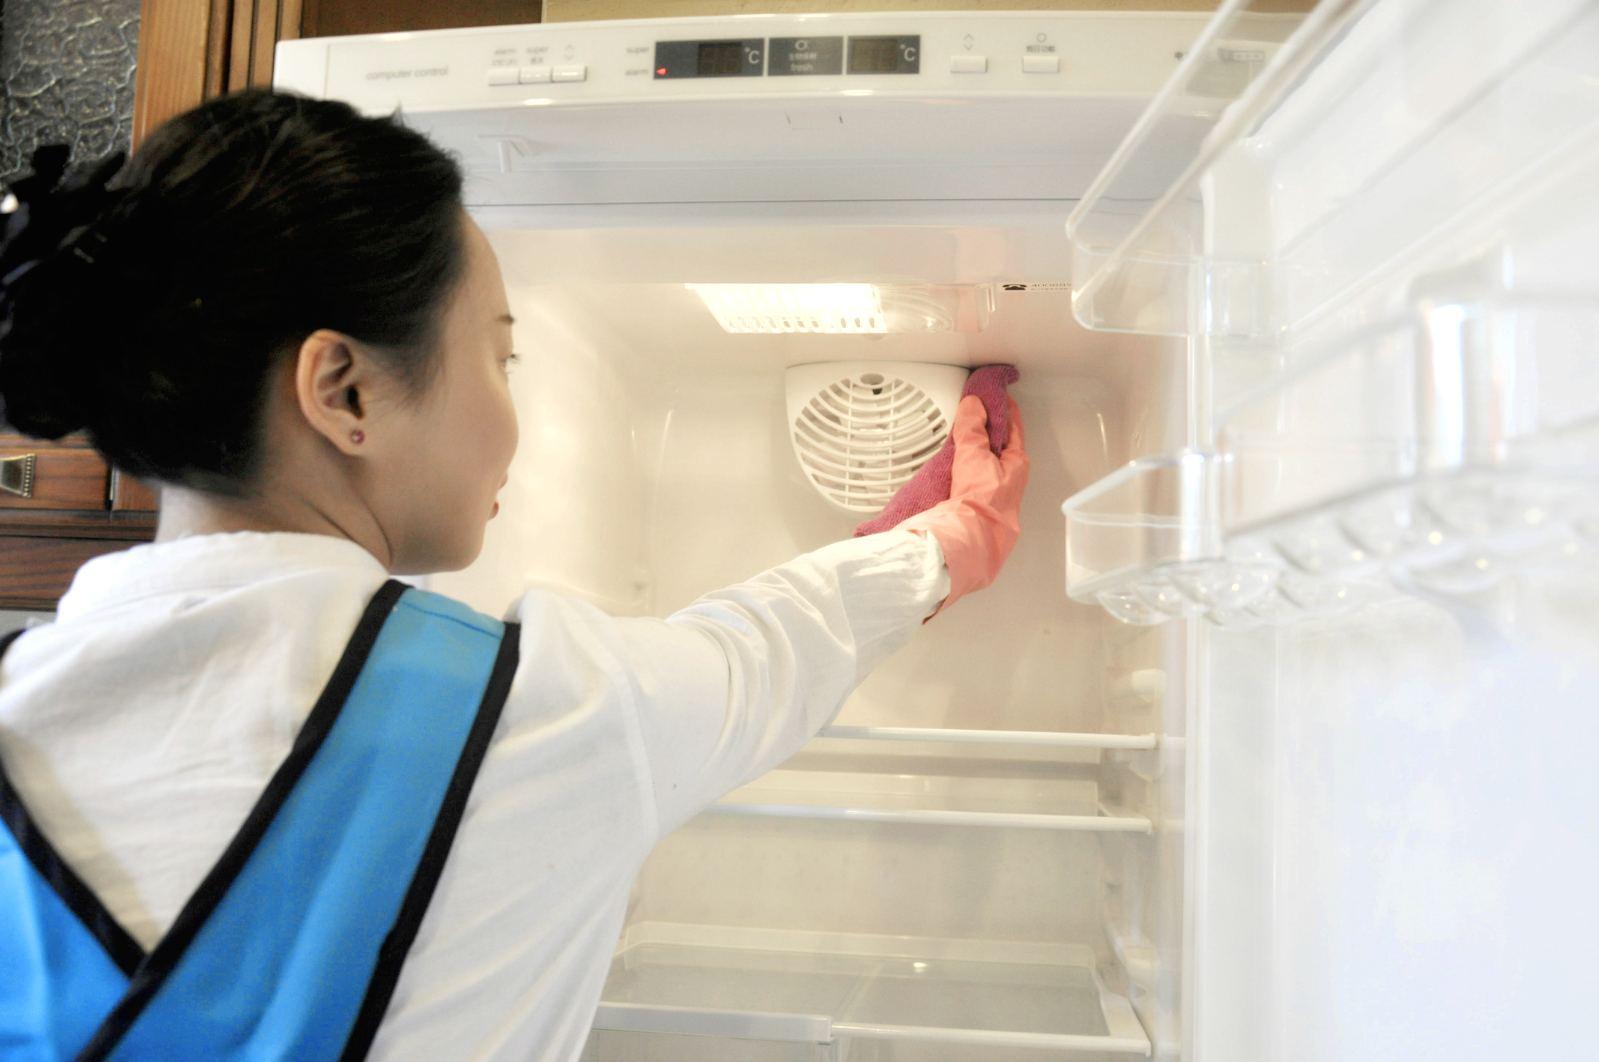 千万不要忽视!保持冰箱清洁很重要